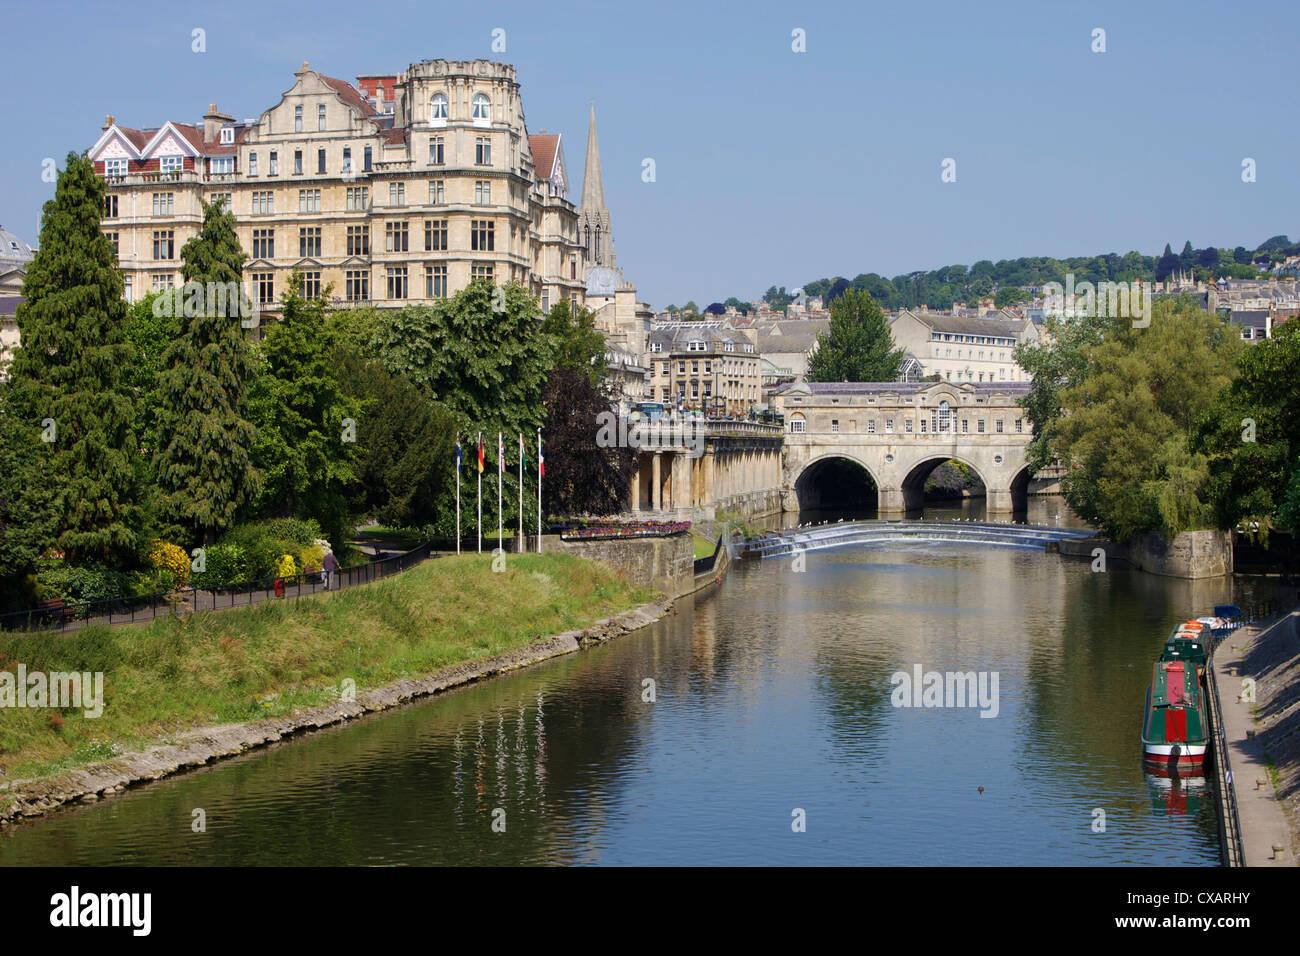 Pulteney Brücke und Fluss Avon, Bath, UNESCO World Heritage Site, Avon, England, Vereinigtes Königreich, Stockbild